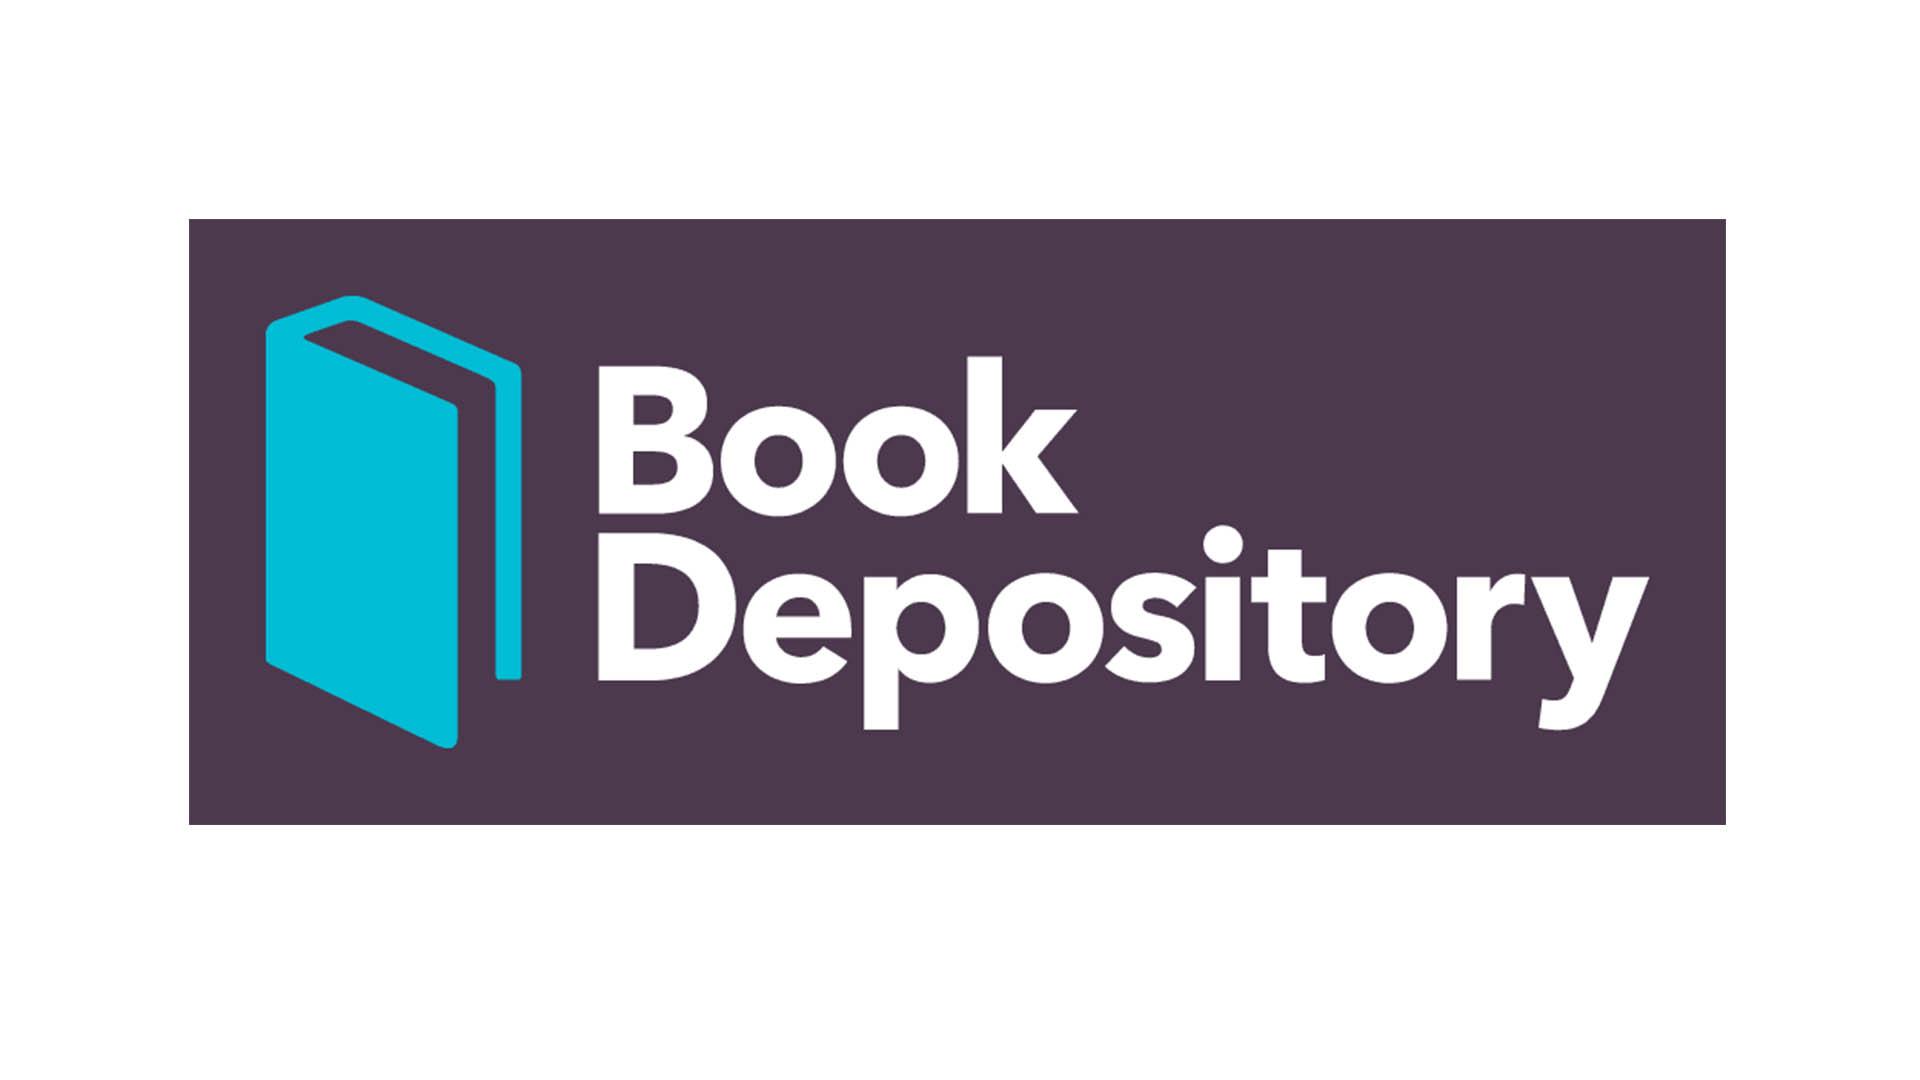 book depository.jpg